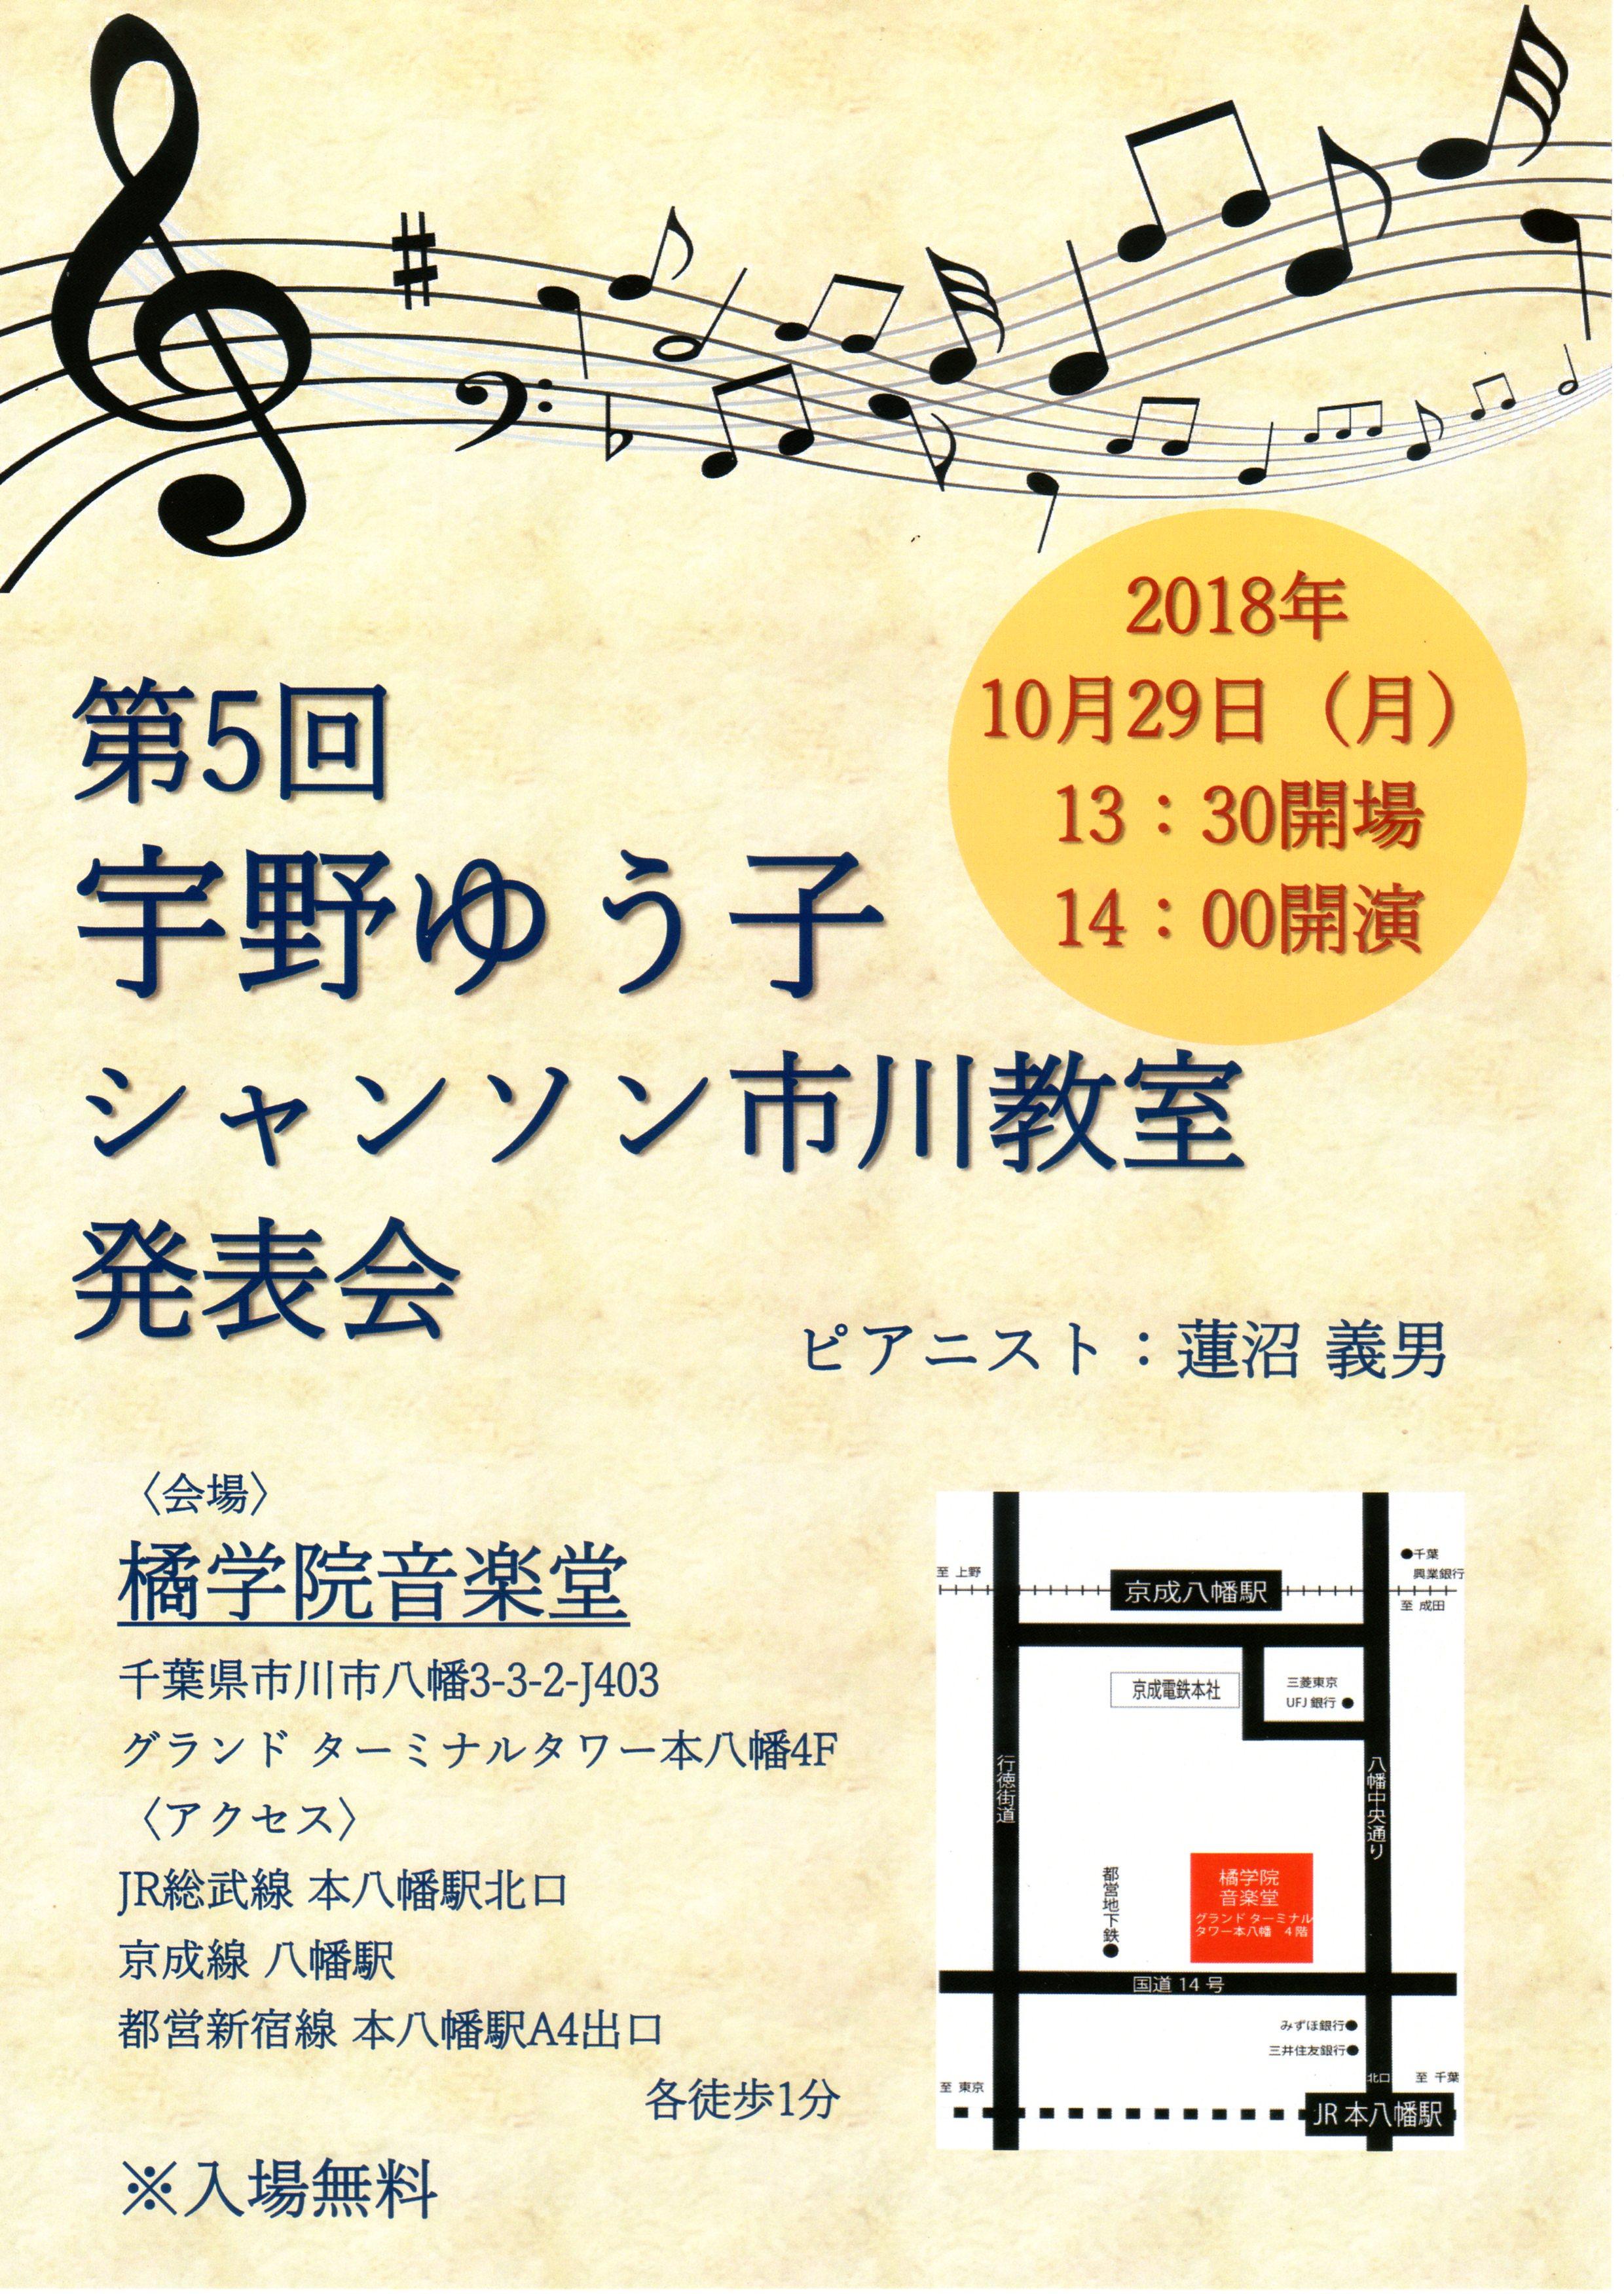 http://unoyuko.com/blog/chanson/img105.jpg